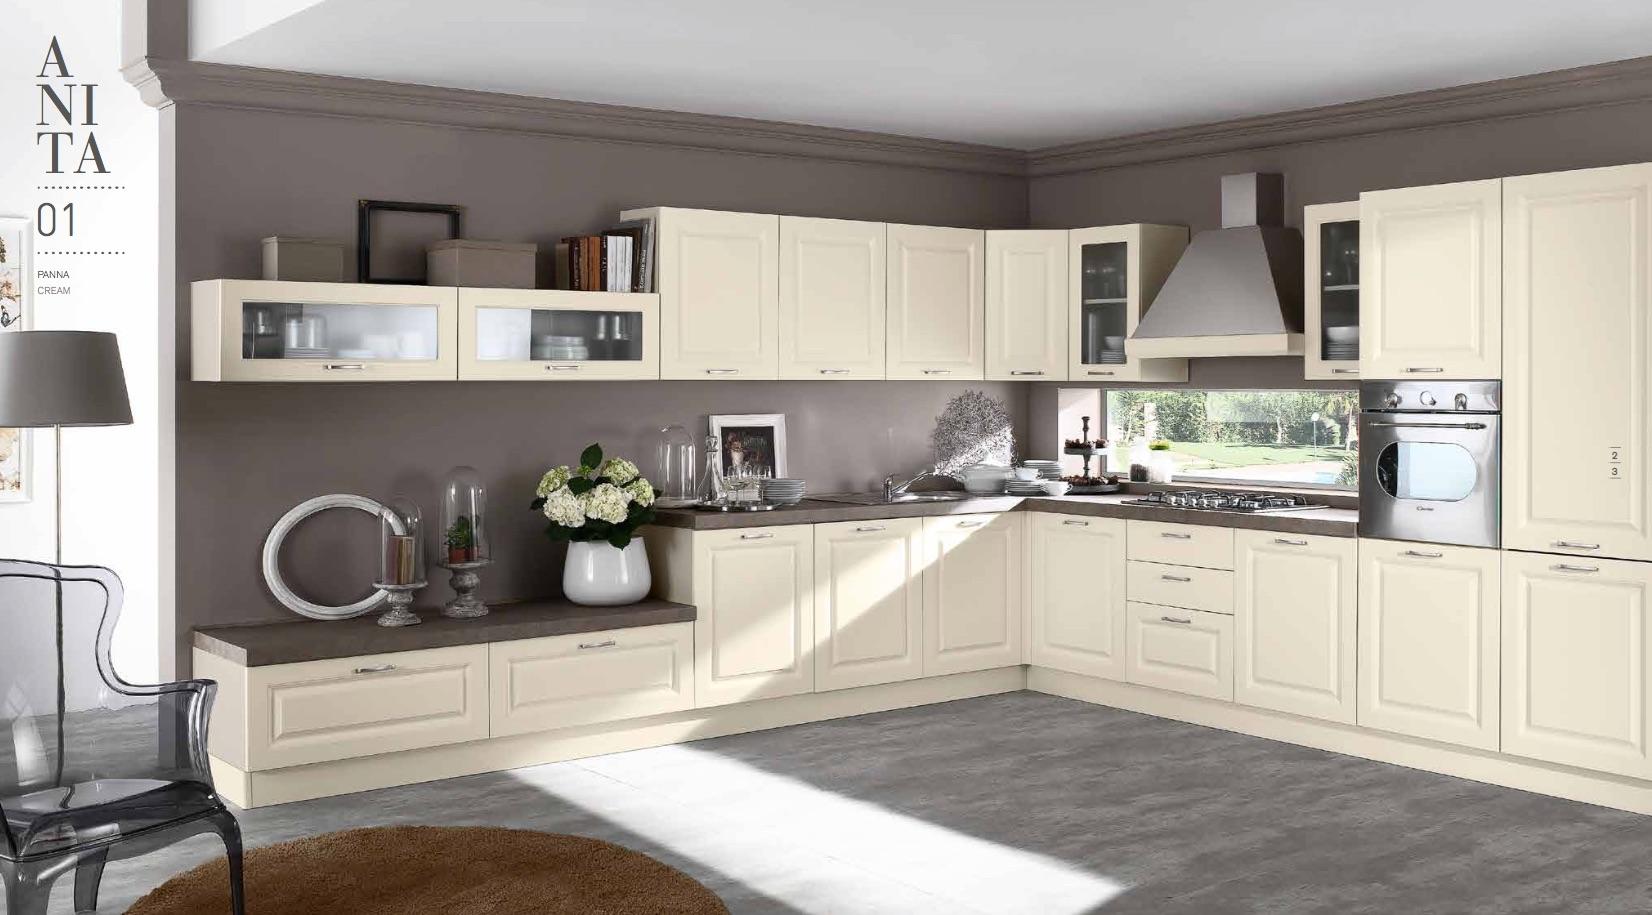 cucina anita | tutto mobili, arredamento camere cucine ufficio roma - Tutto Cucina